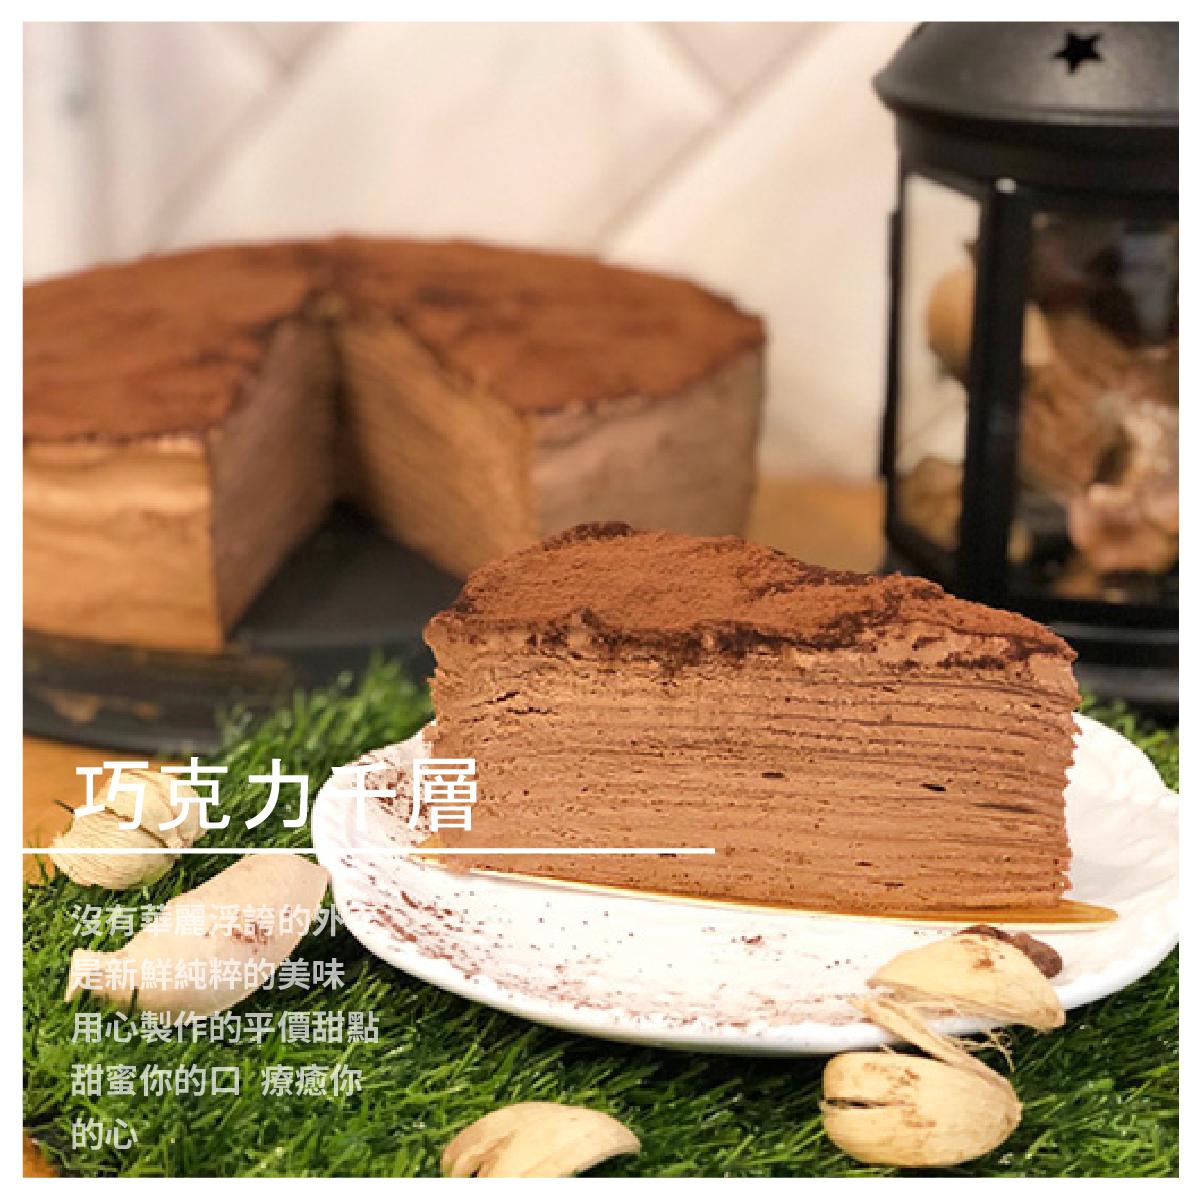 【口袋名單手工甜點】巧克力千層/8吋